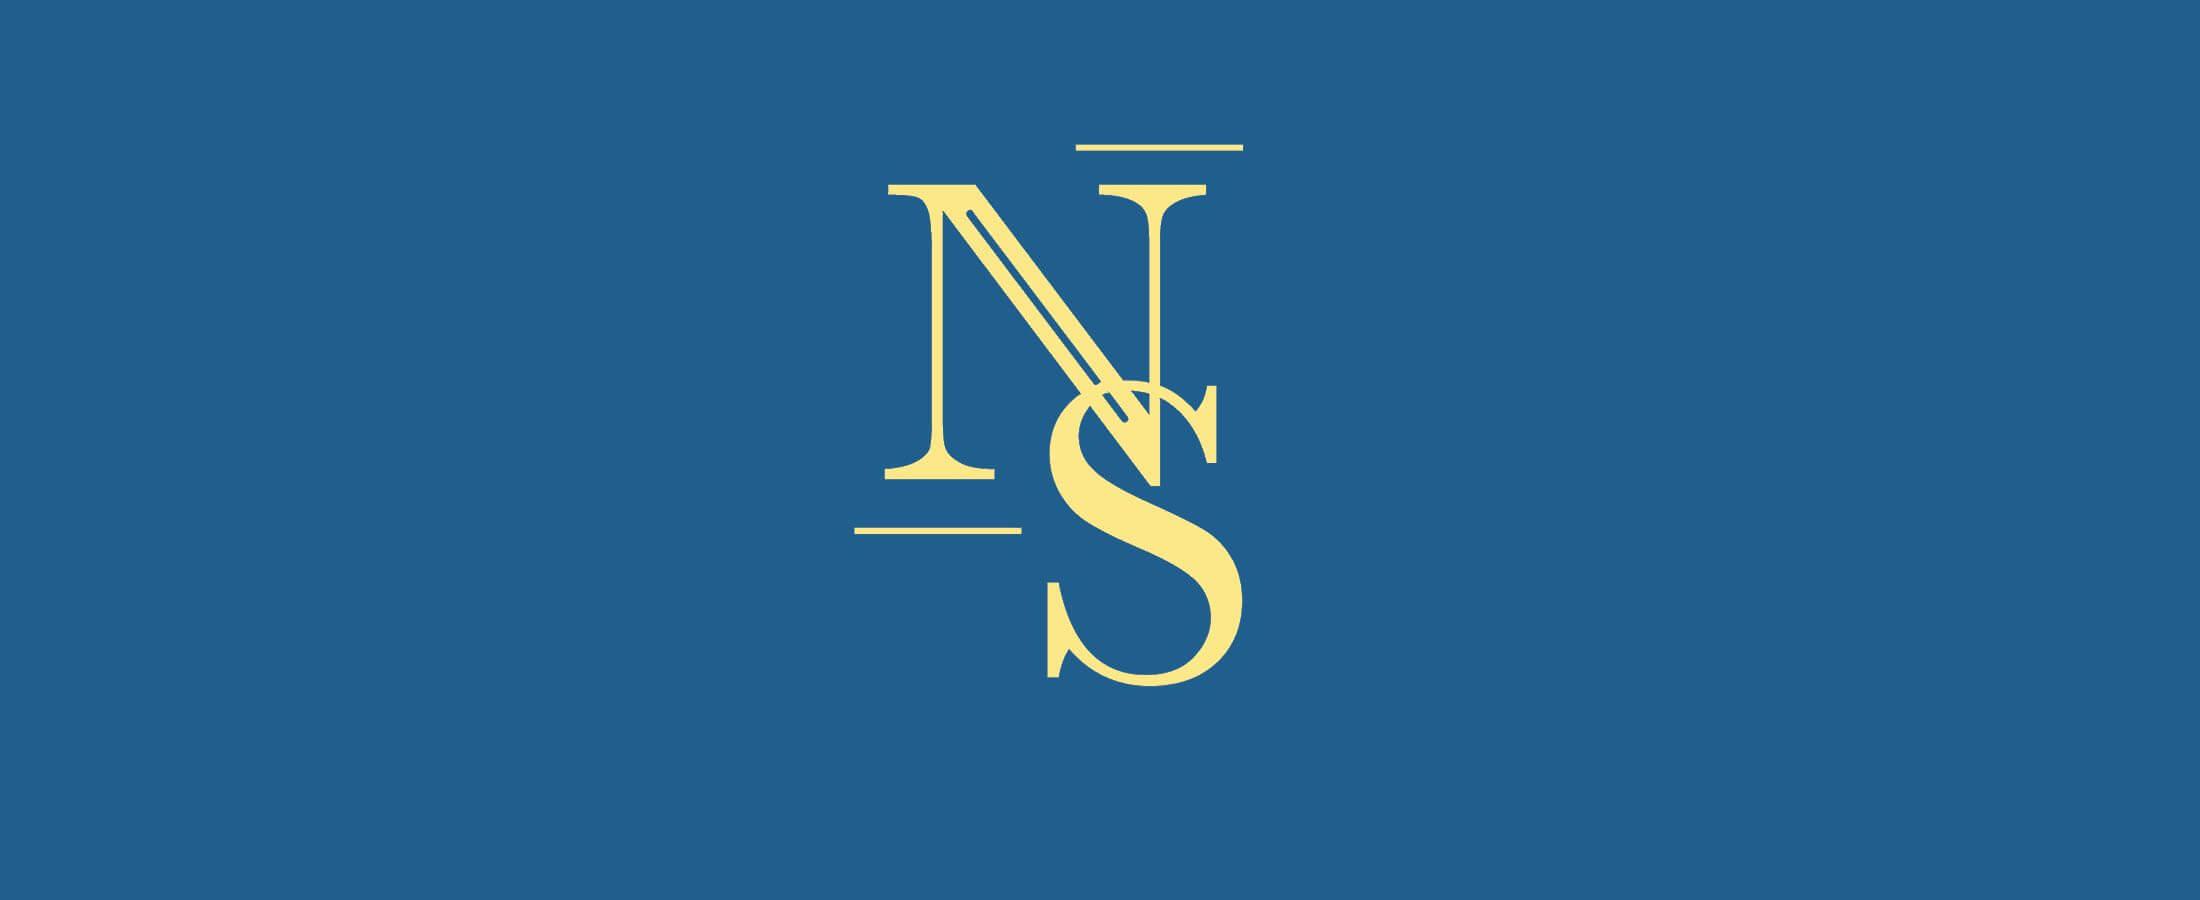 NettService, le Service de Nettoyage durable et pour tous